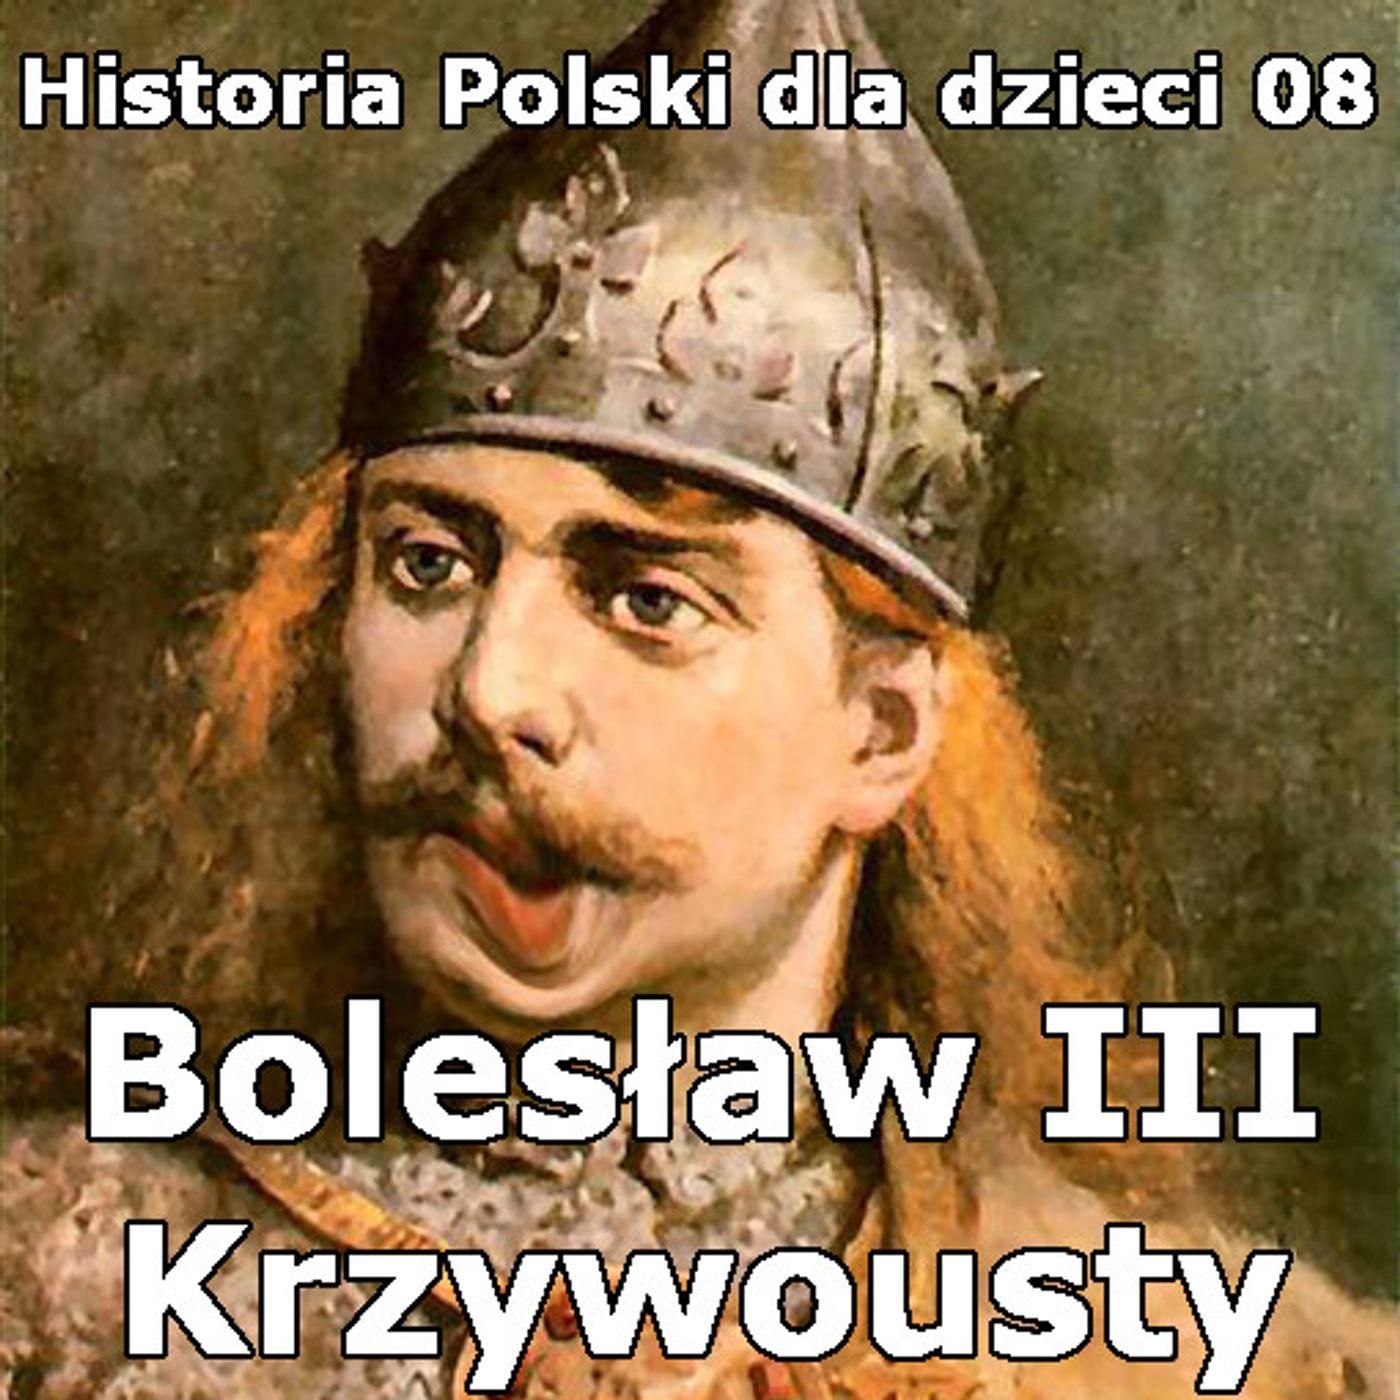 08 - Bolesław III Krzywousty i obrona Głogowa